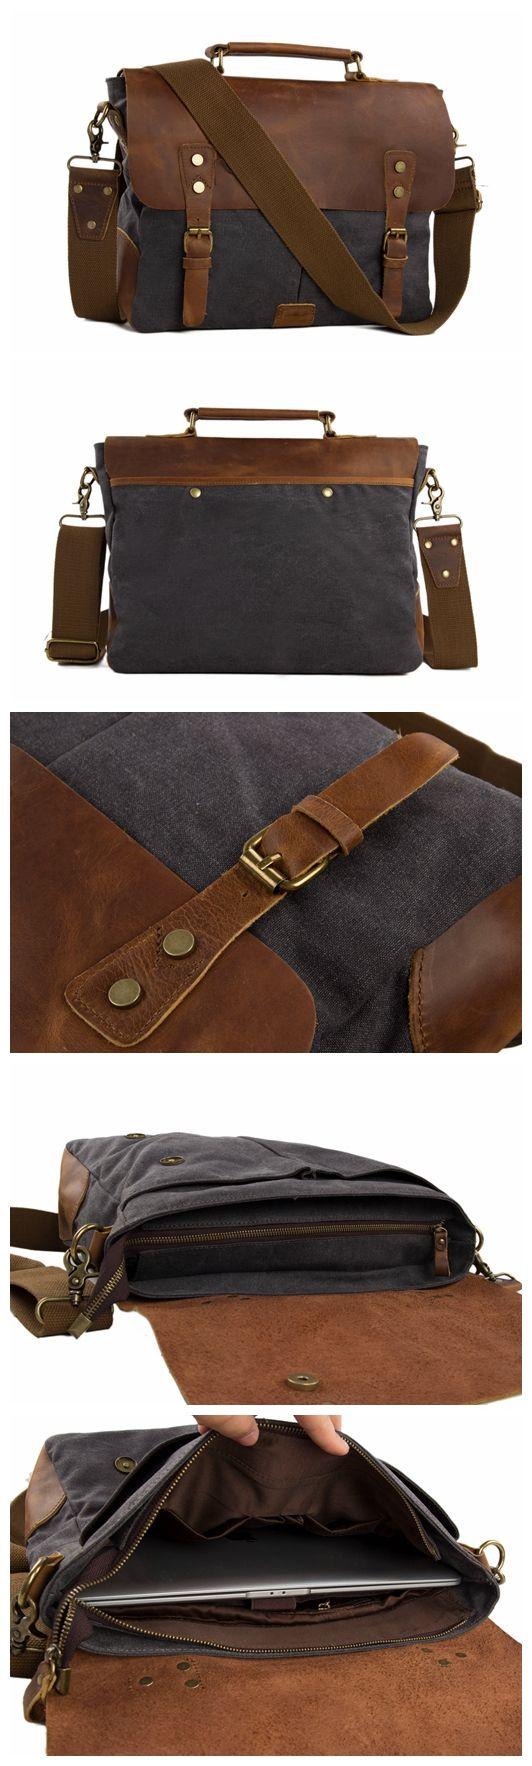 Vintage Canvas Leather Laptop Messenger Bag Crossbody Shoulder Bag Leather Briefcase Bag